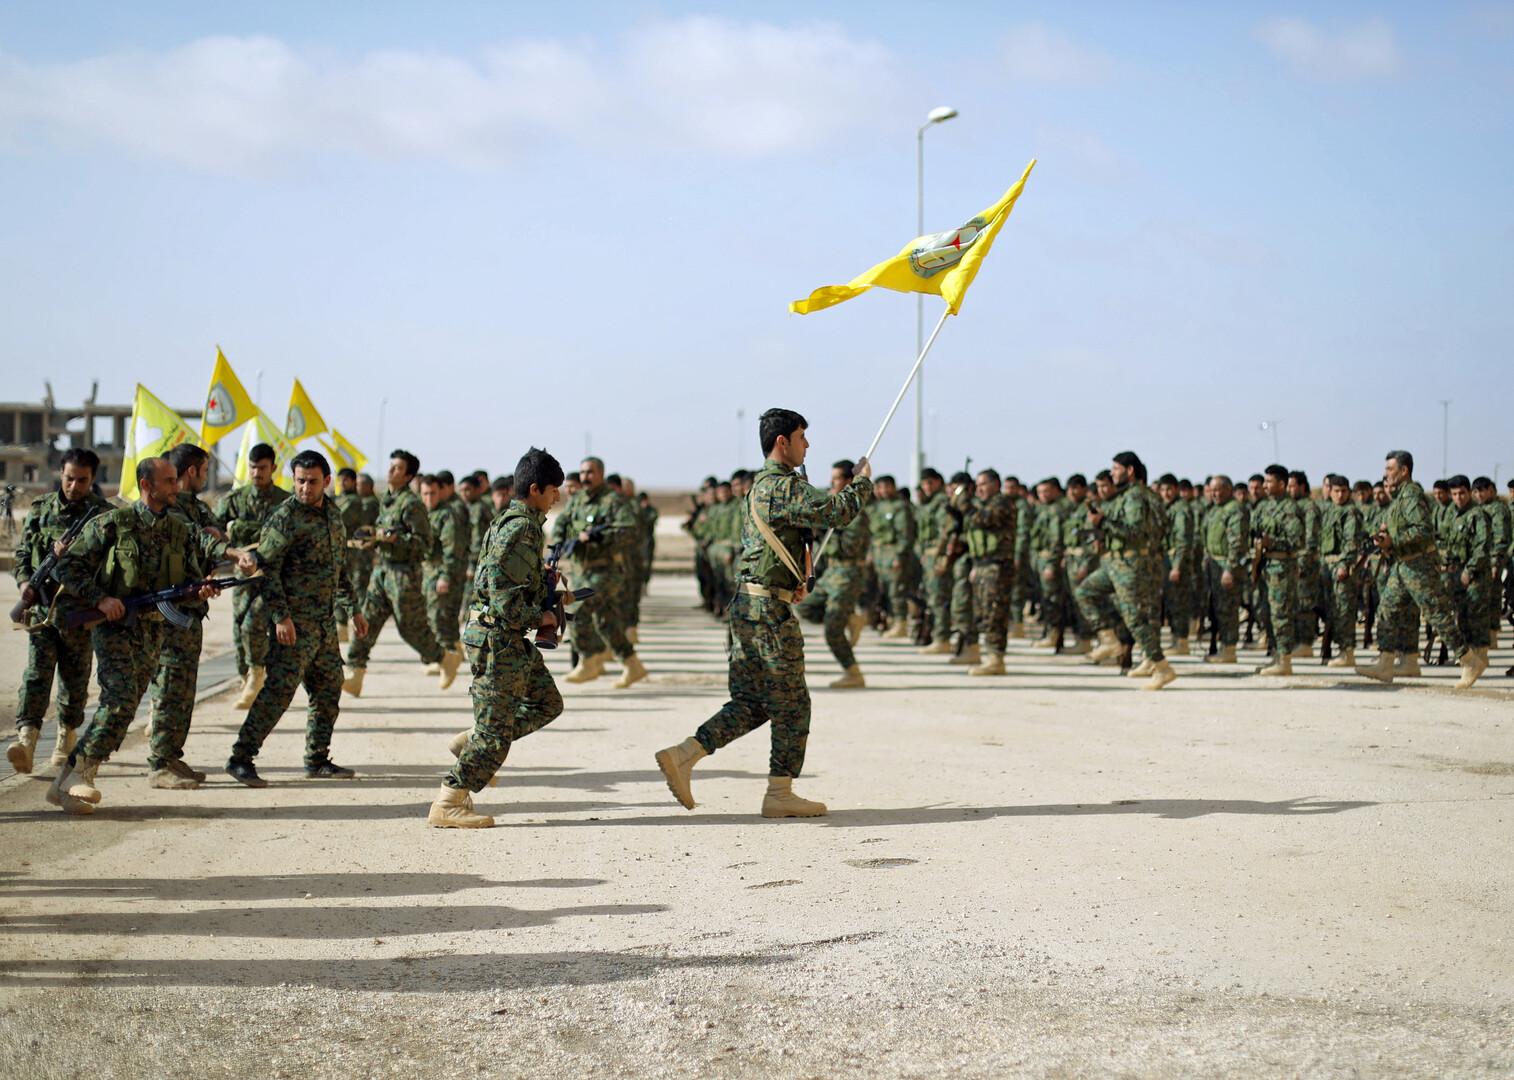 قوات سوريا الديمقراطية: سنحول أي هجوم تركي إلى حرب شاملة على الحدود